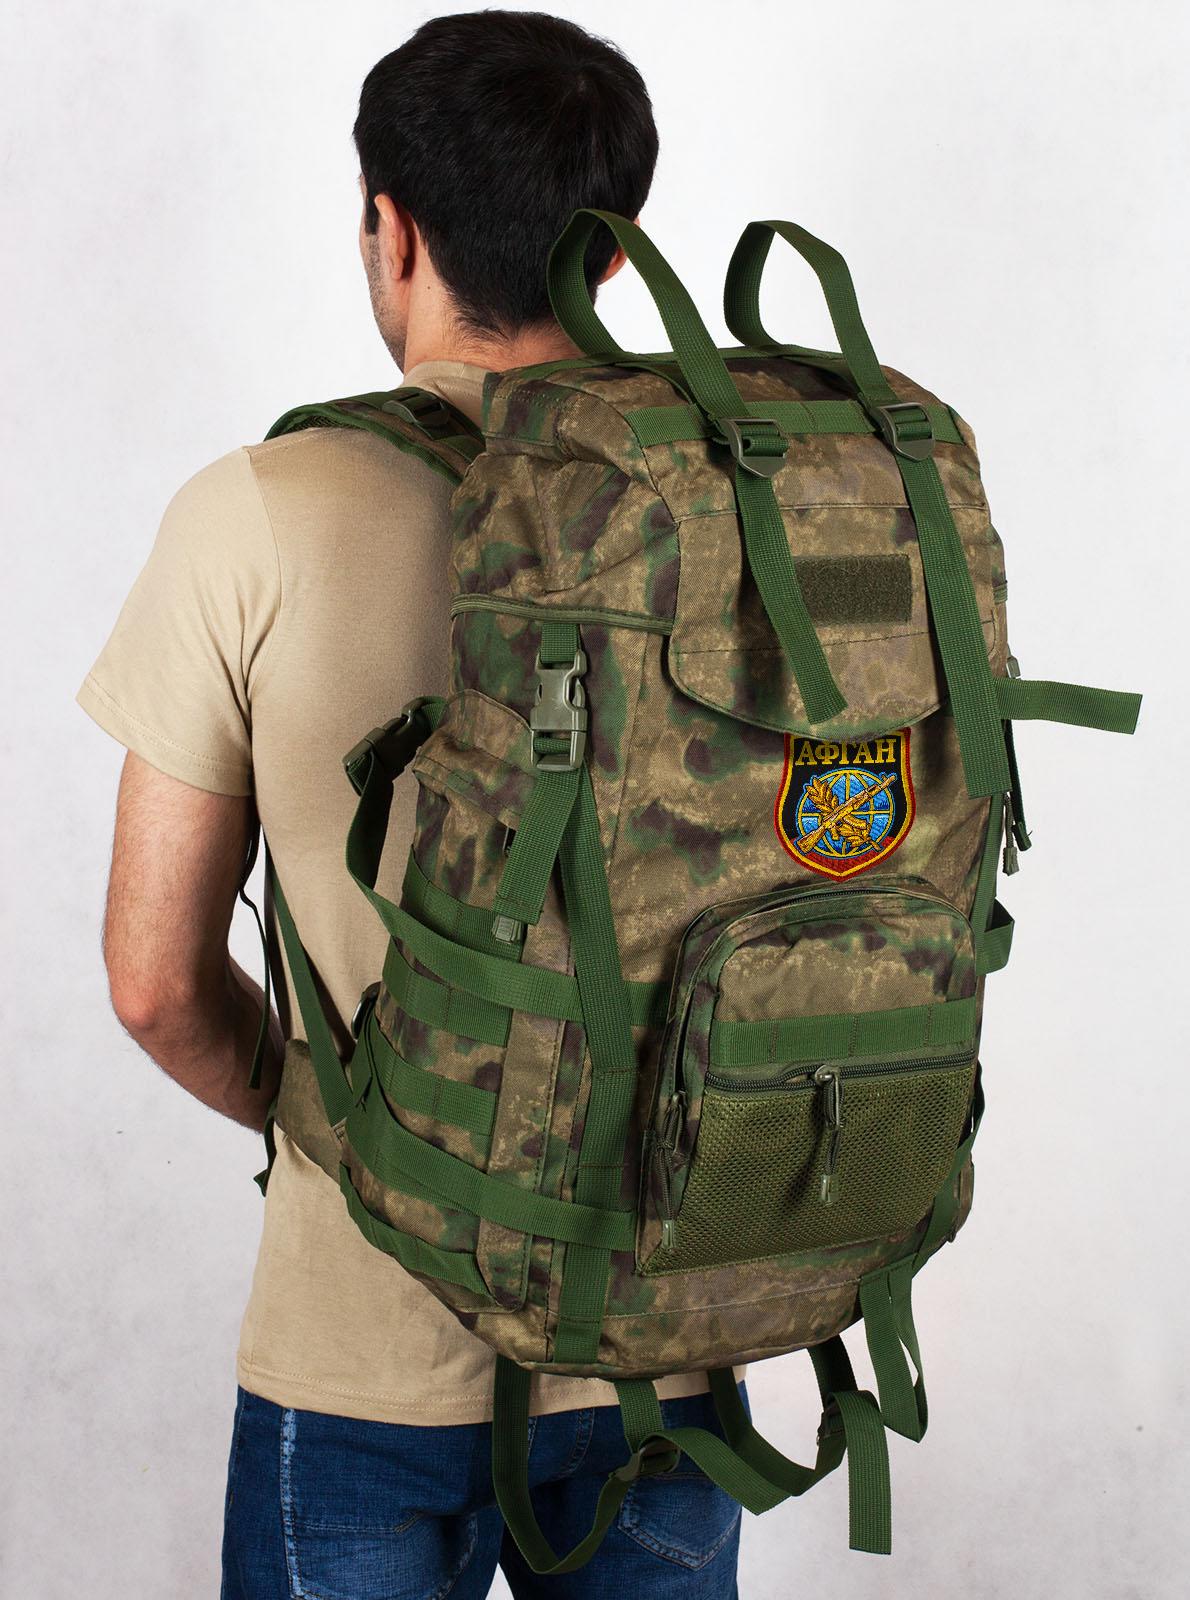 Недорогие рюкзаки для армии, путешествий, апорта туризма